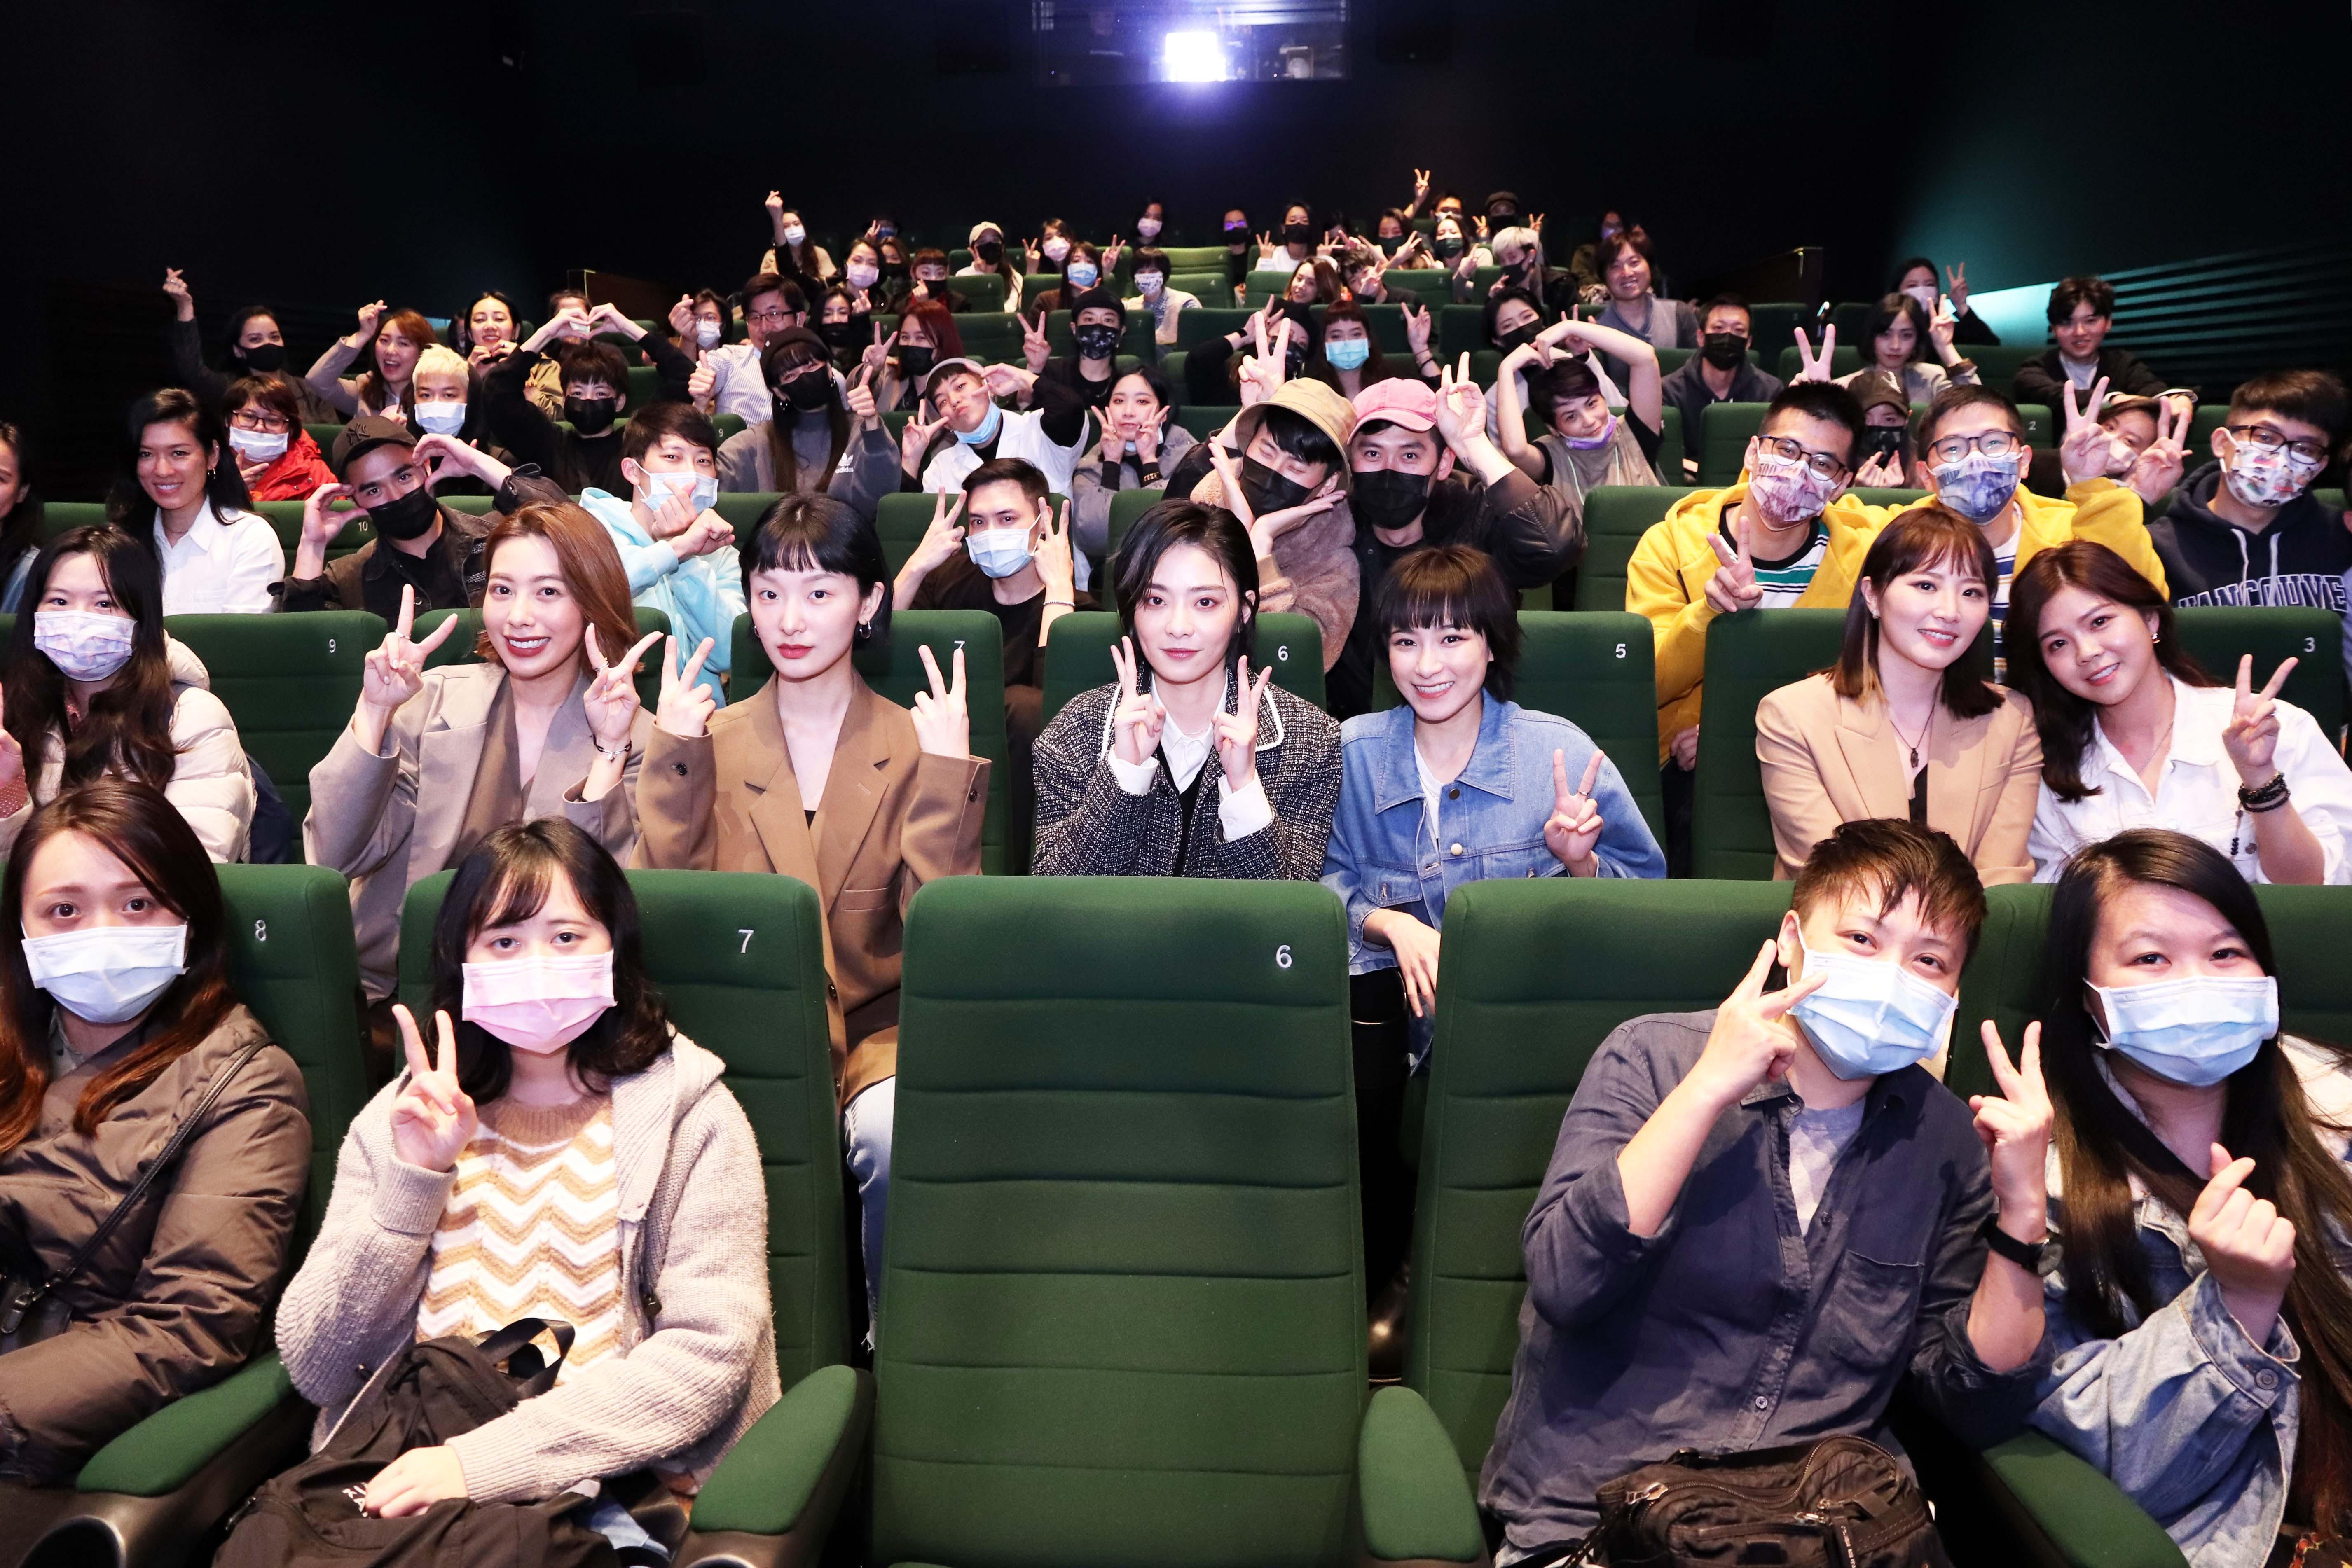 兔女狼籌備女同志網路劇《親愛的天王星》即將上映!特邀香港歌手王嘉儀量身打造主題曲